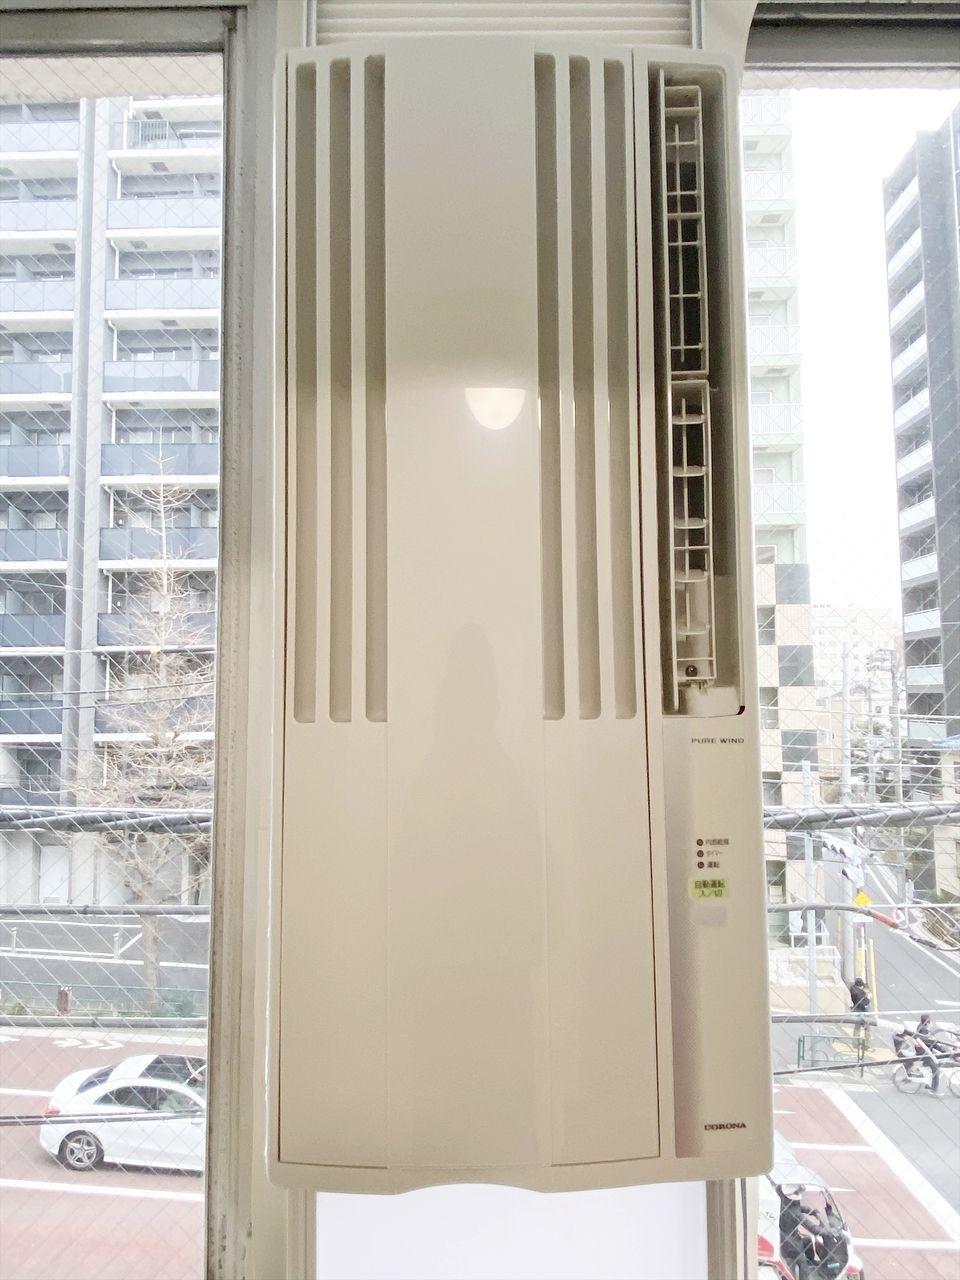 ハセガワハイツ エアコンを新規に設置しました。サンルームにウインドウタイプです